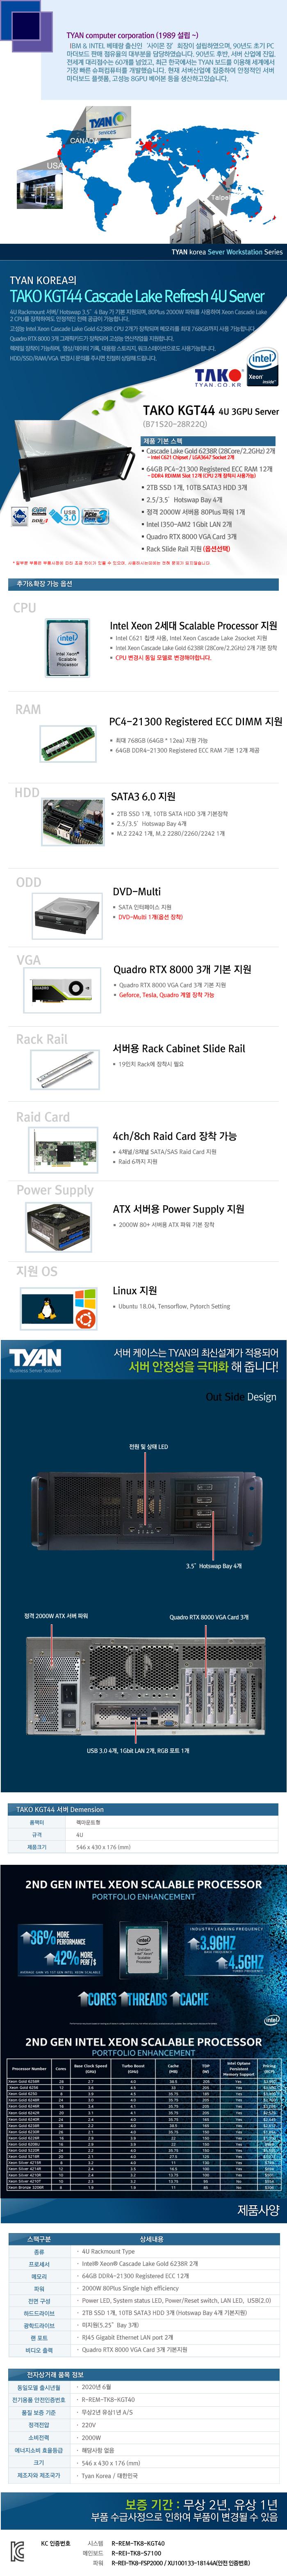 TYAN TAKO-KGT44-(B71S20-28R22Q) 3GPU (768GB, SSD 2TB + 30TB)